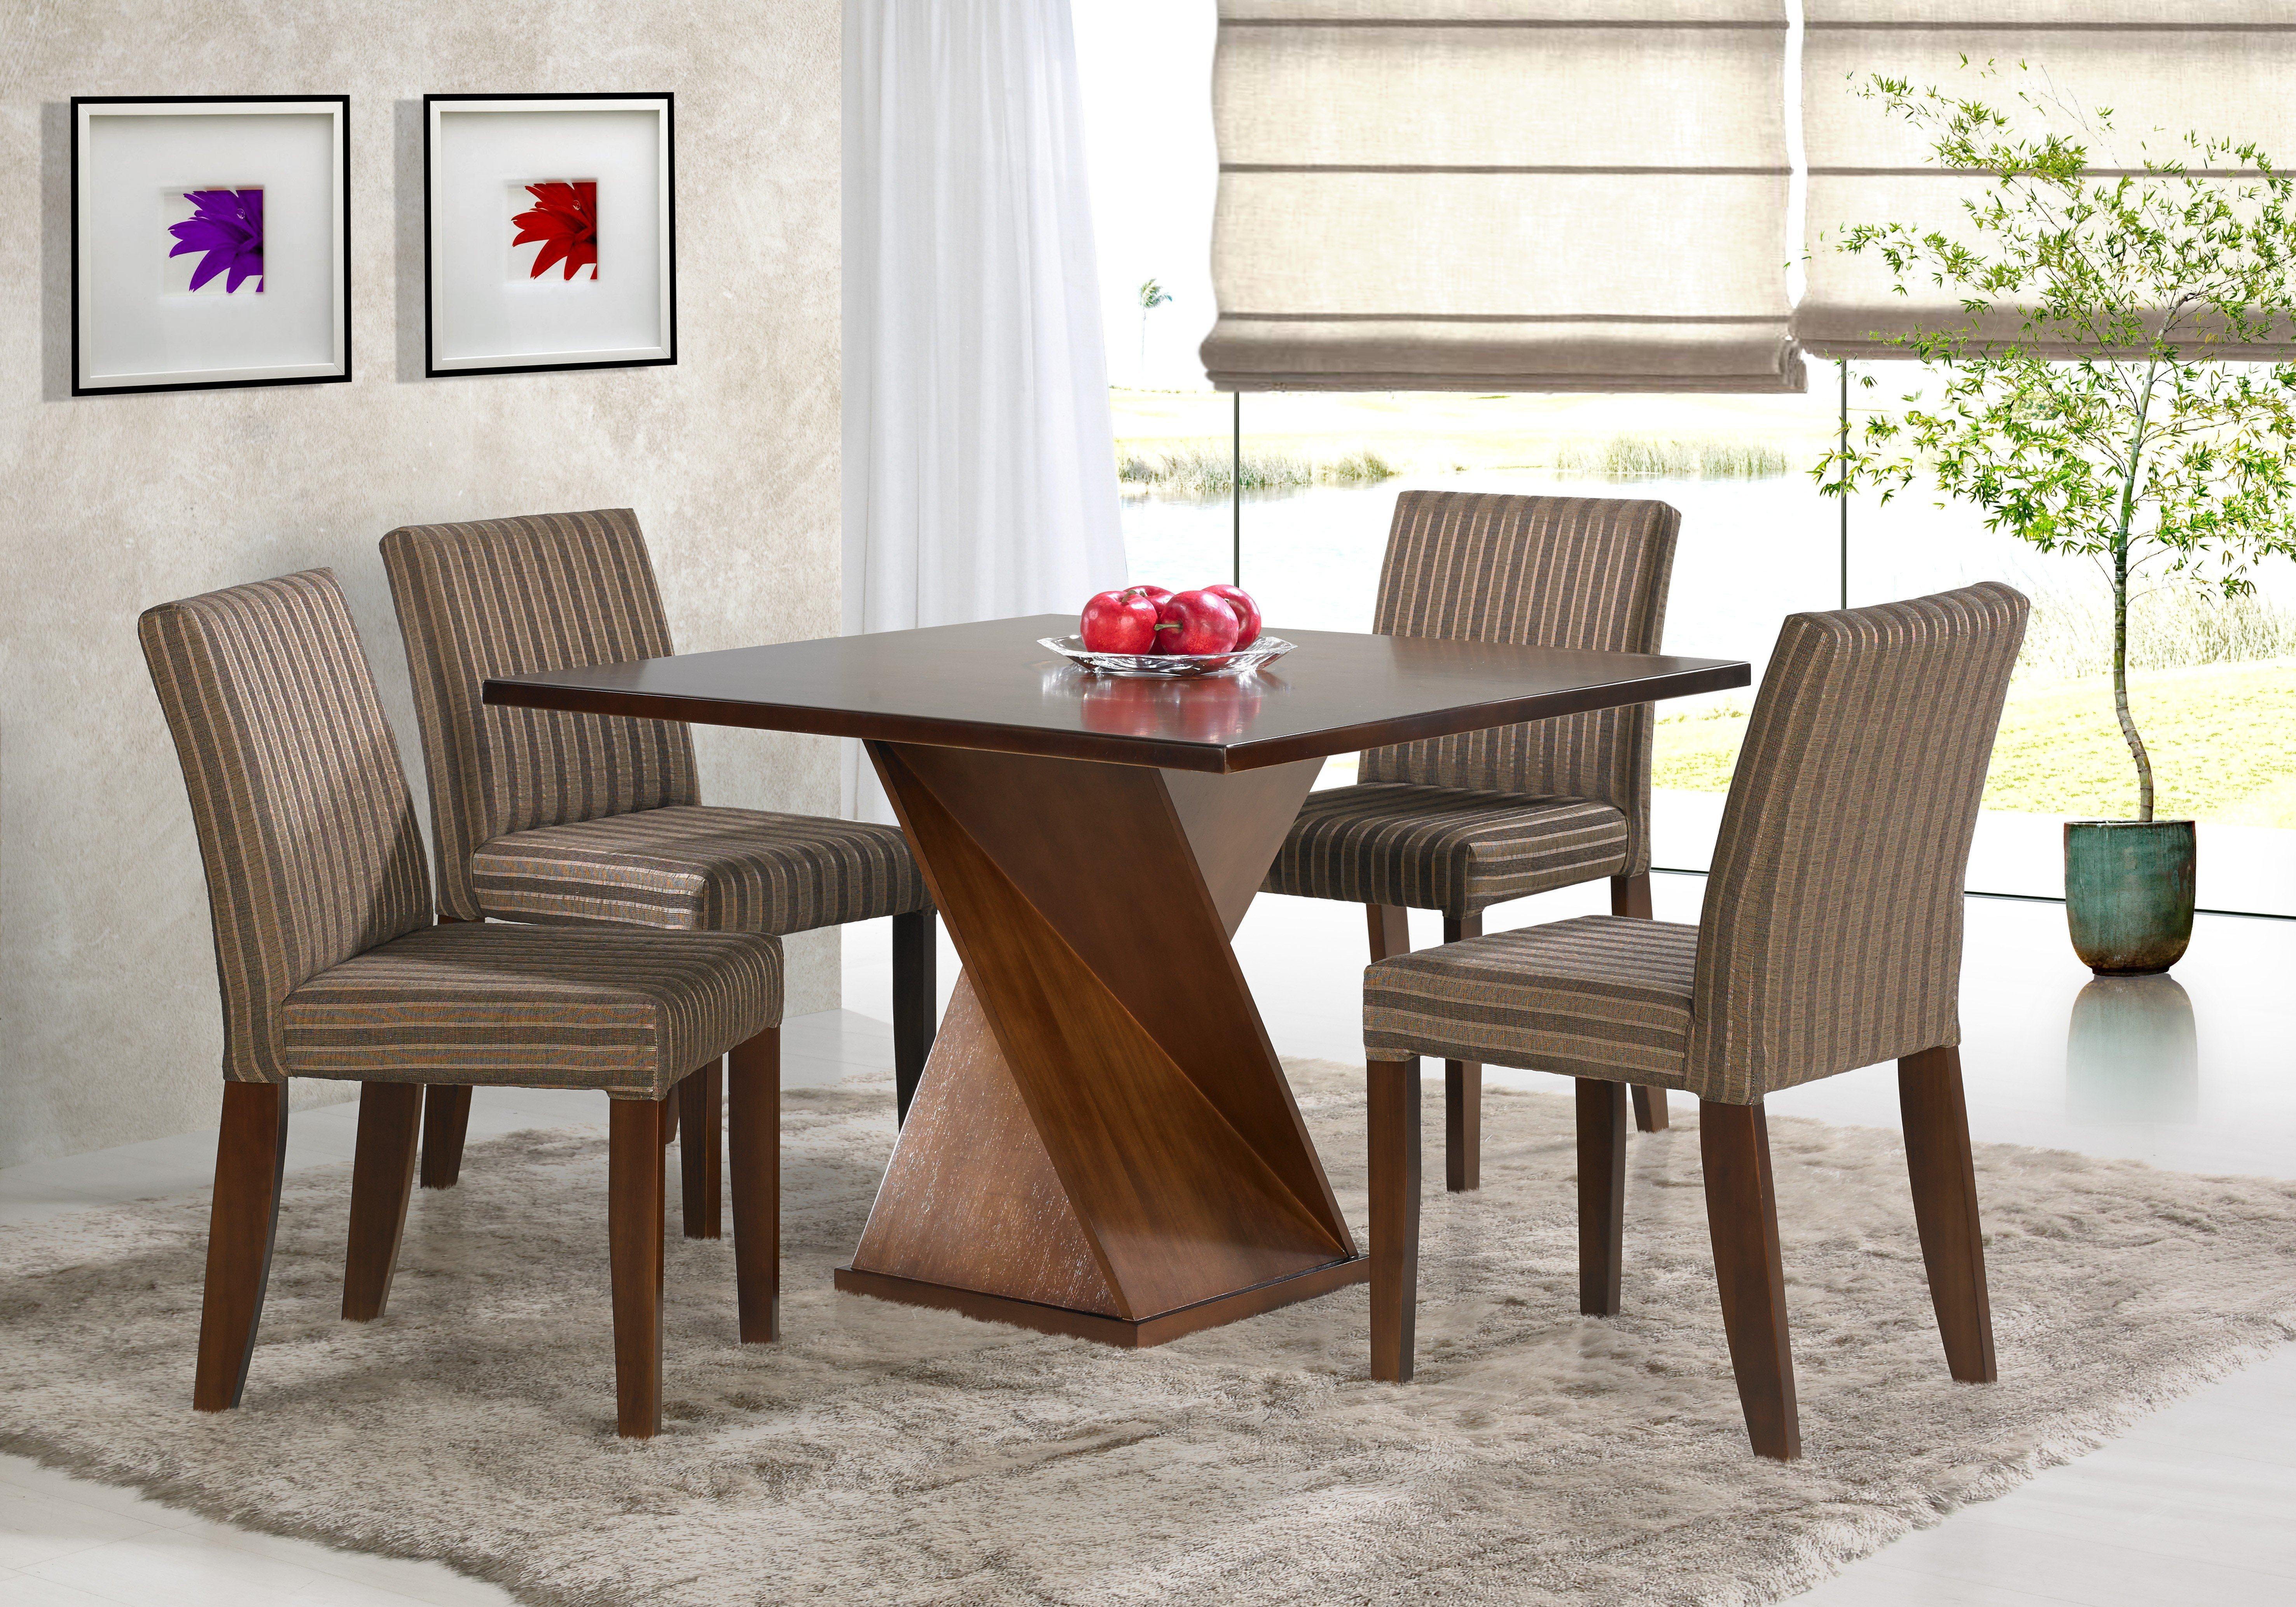 mesa para sala de jantar com 4 cadeiras de madeira #651086 5906x4134